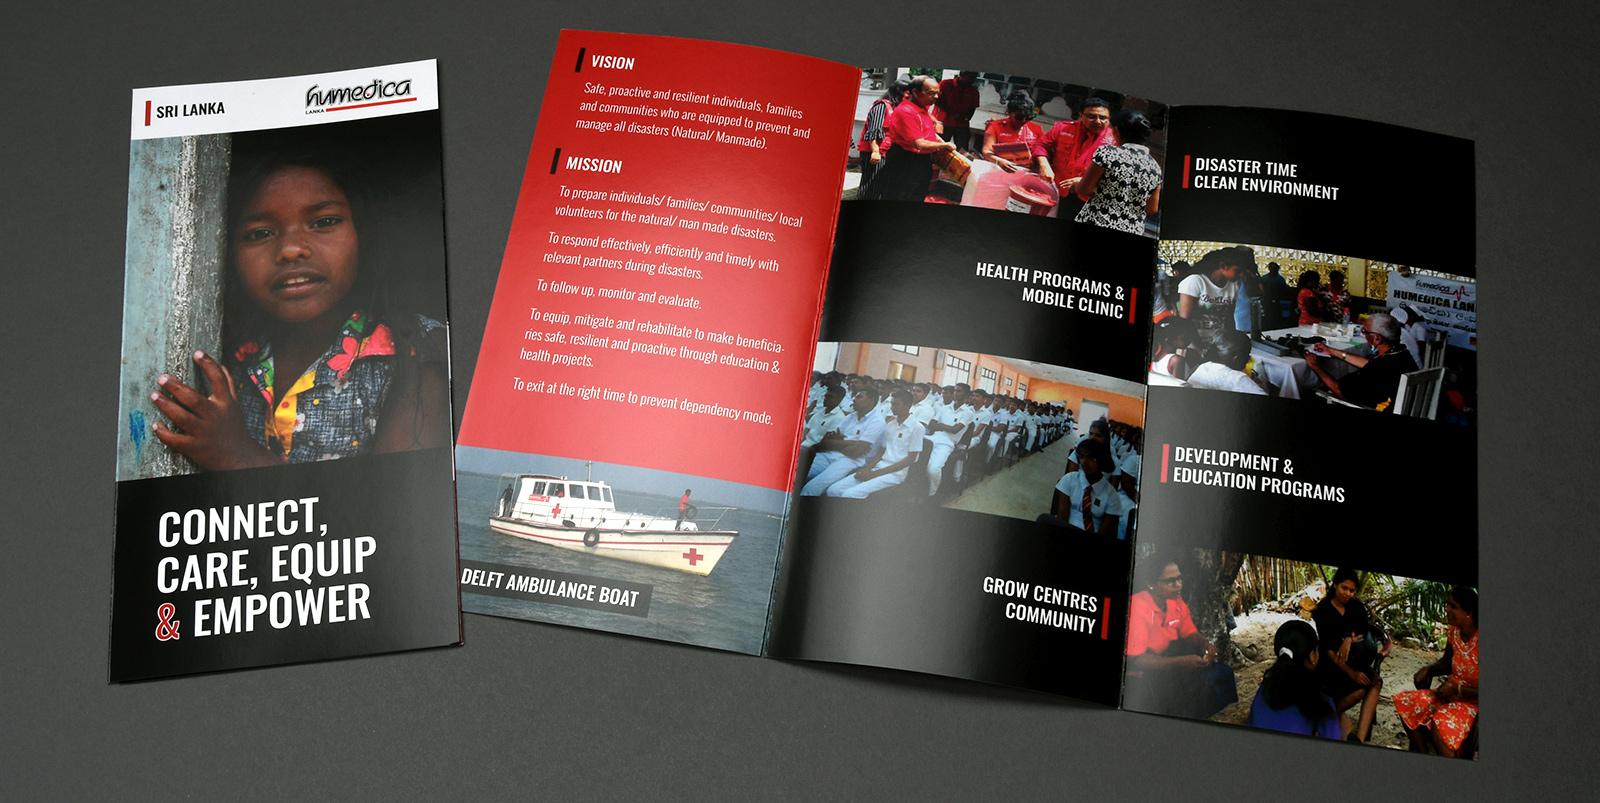 content-referenzen-details-humedica-lanka-flyer-desktop